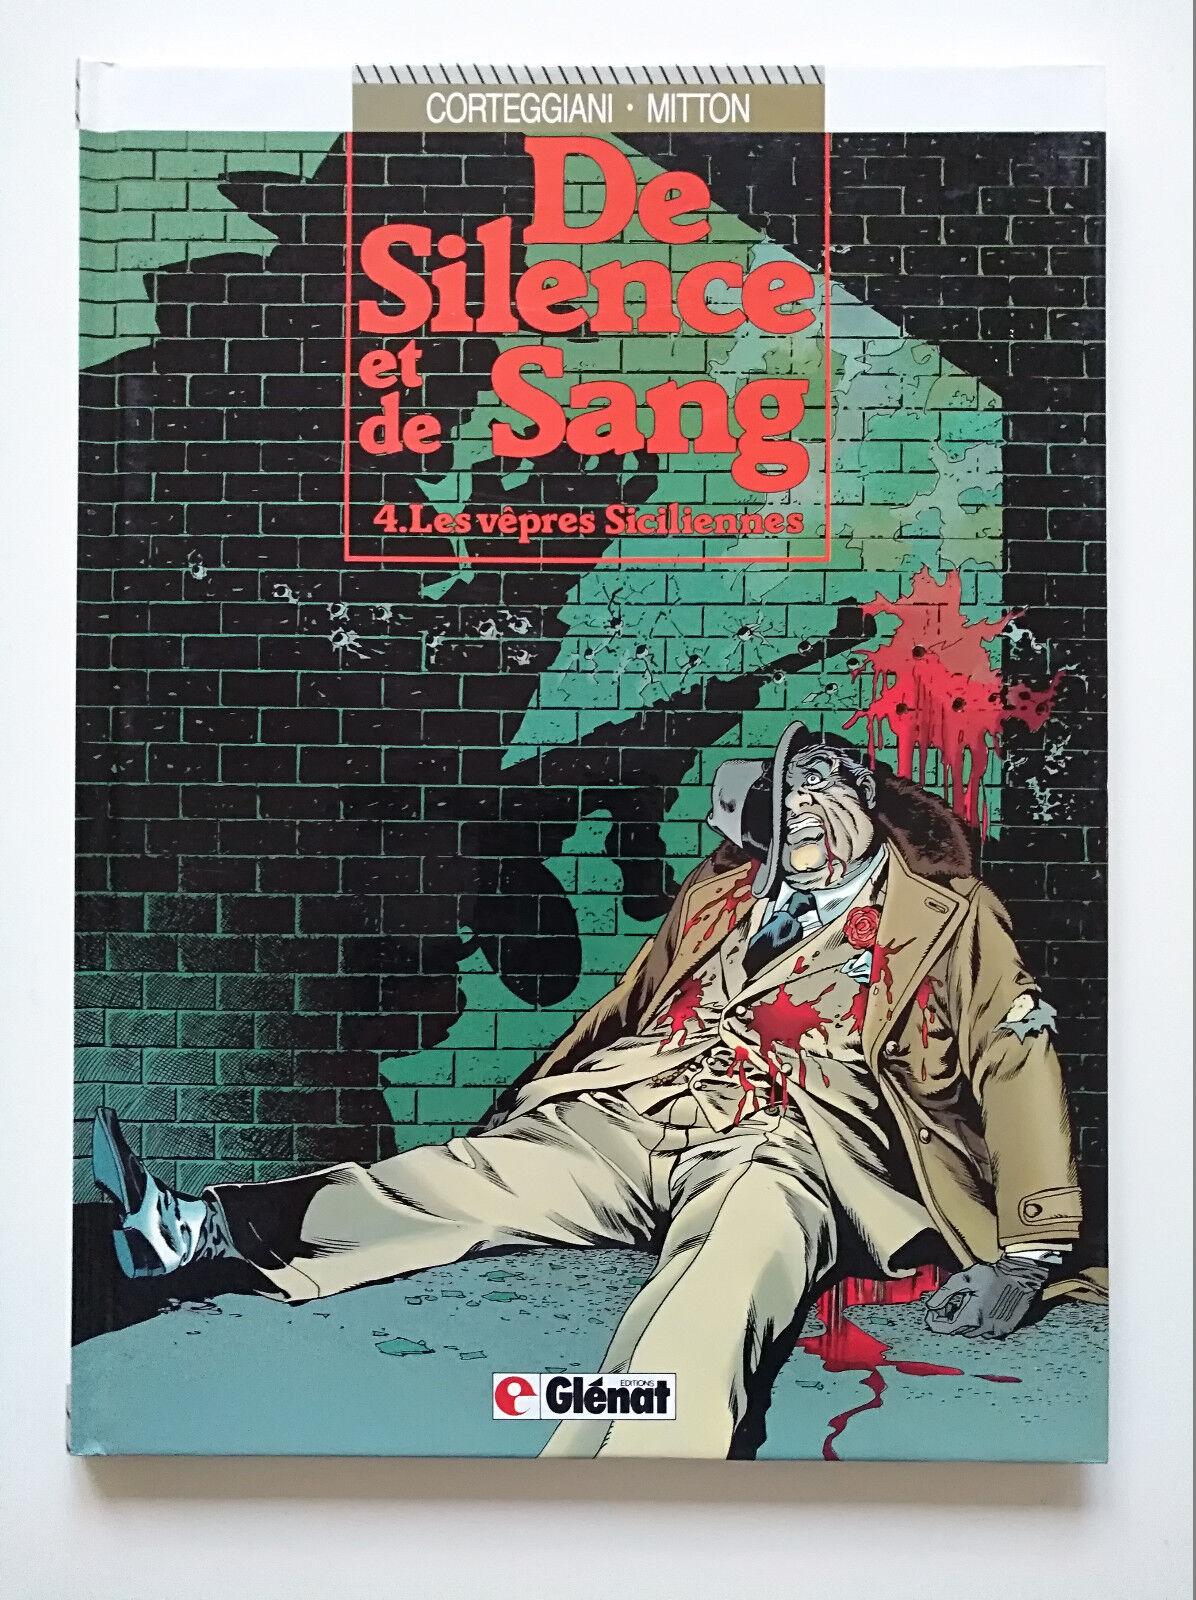 EO 1990 (très bel état) - De silence et de sang 4 (les vêpres siciliennes) Malès